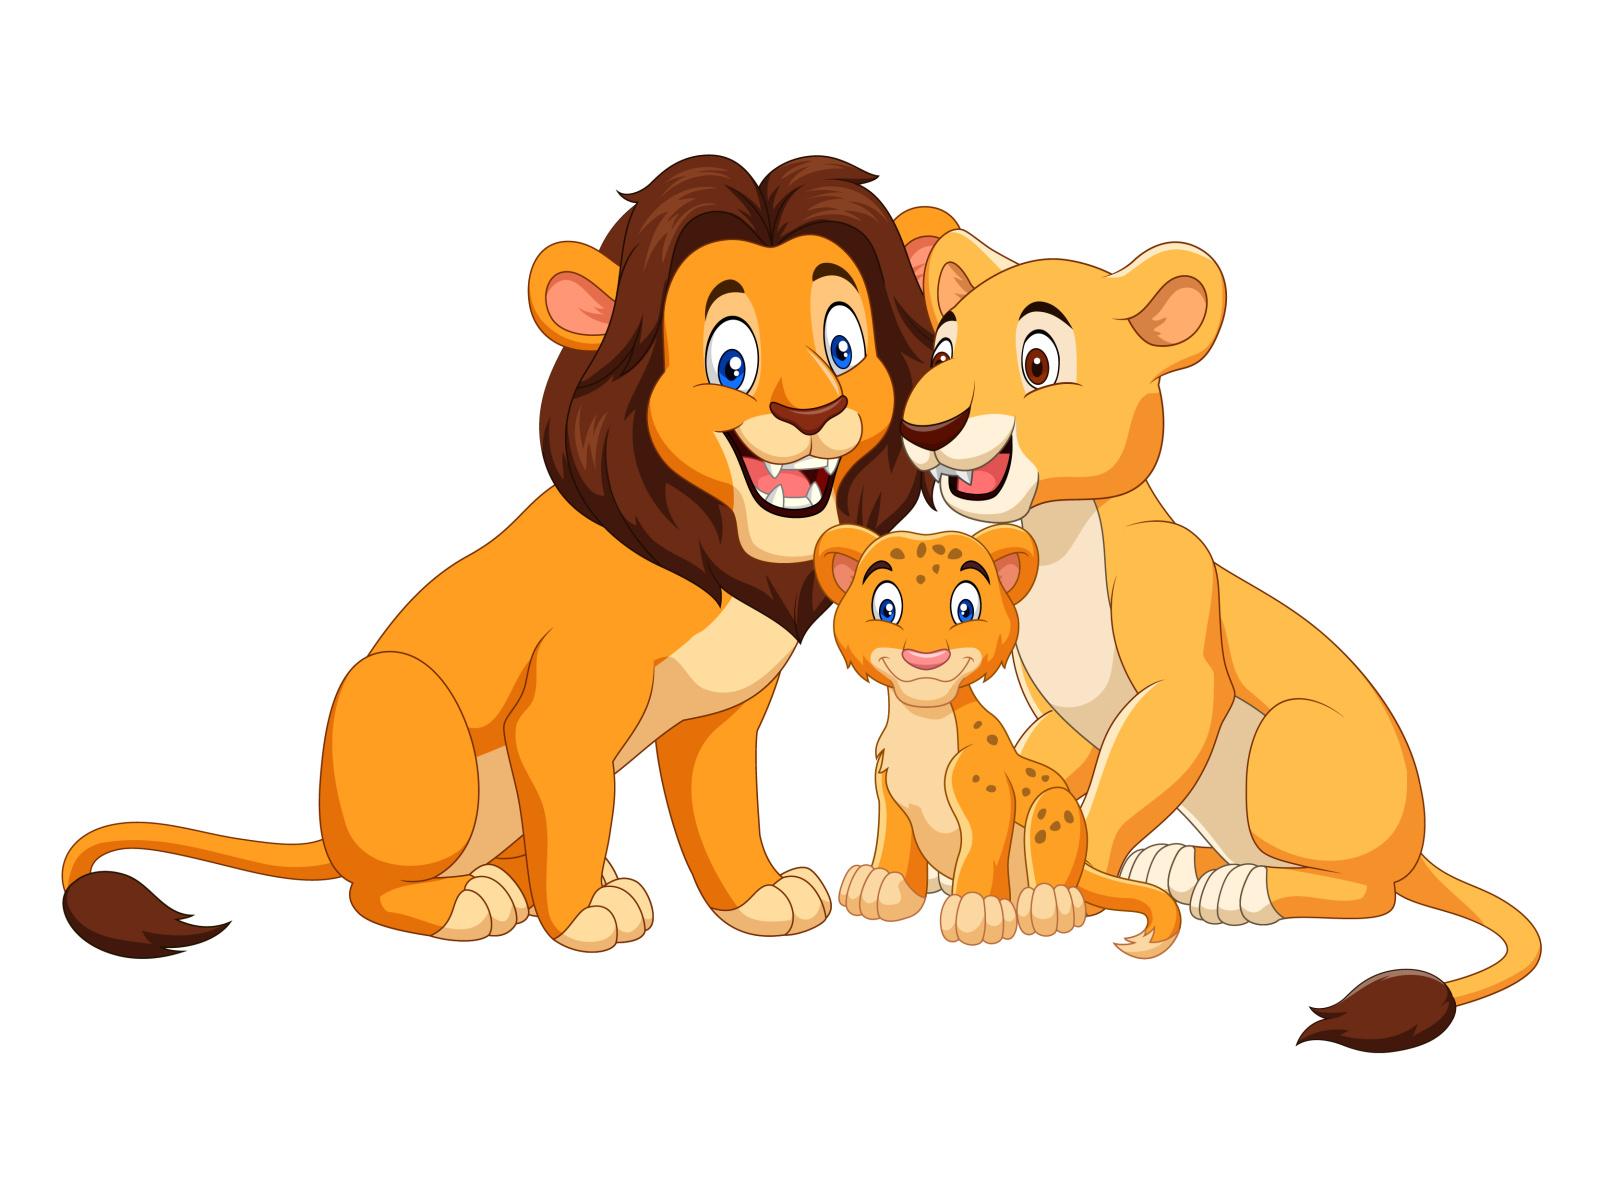 Hình ảnh hoạt hình sư tử đẹp